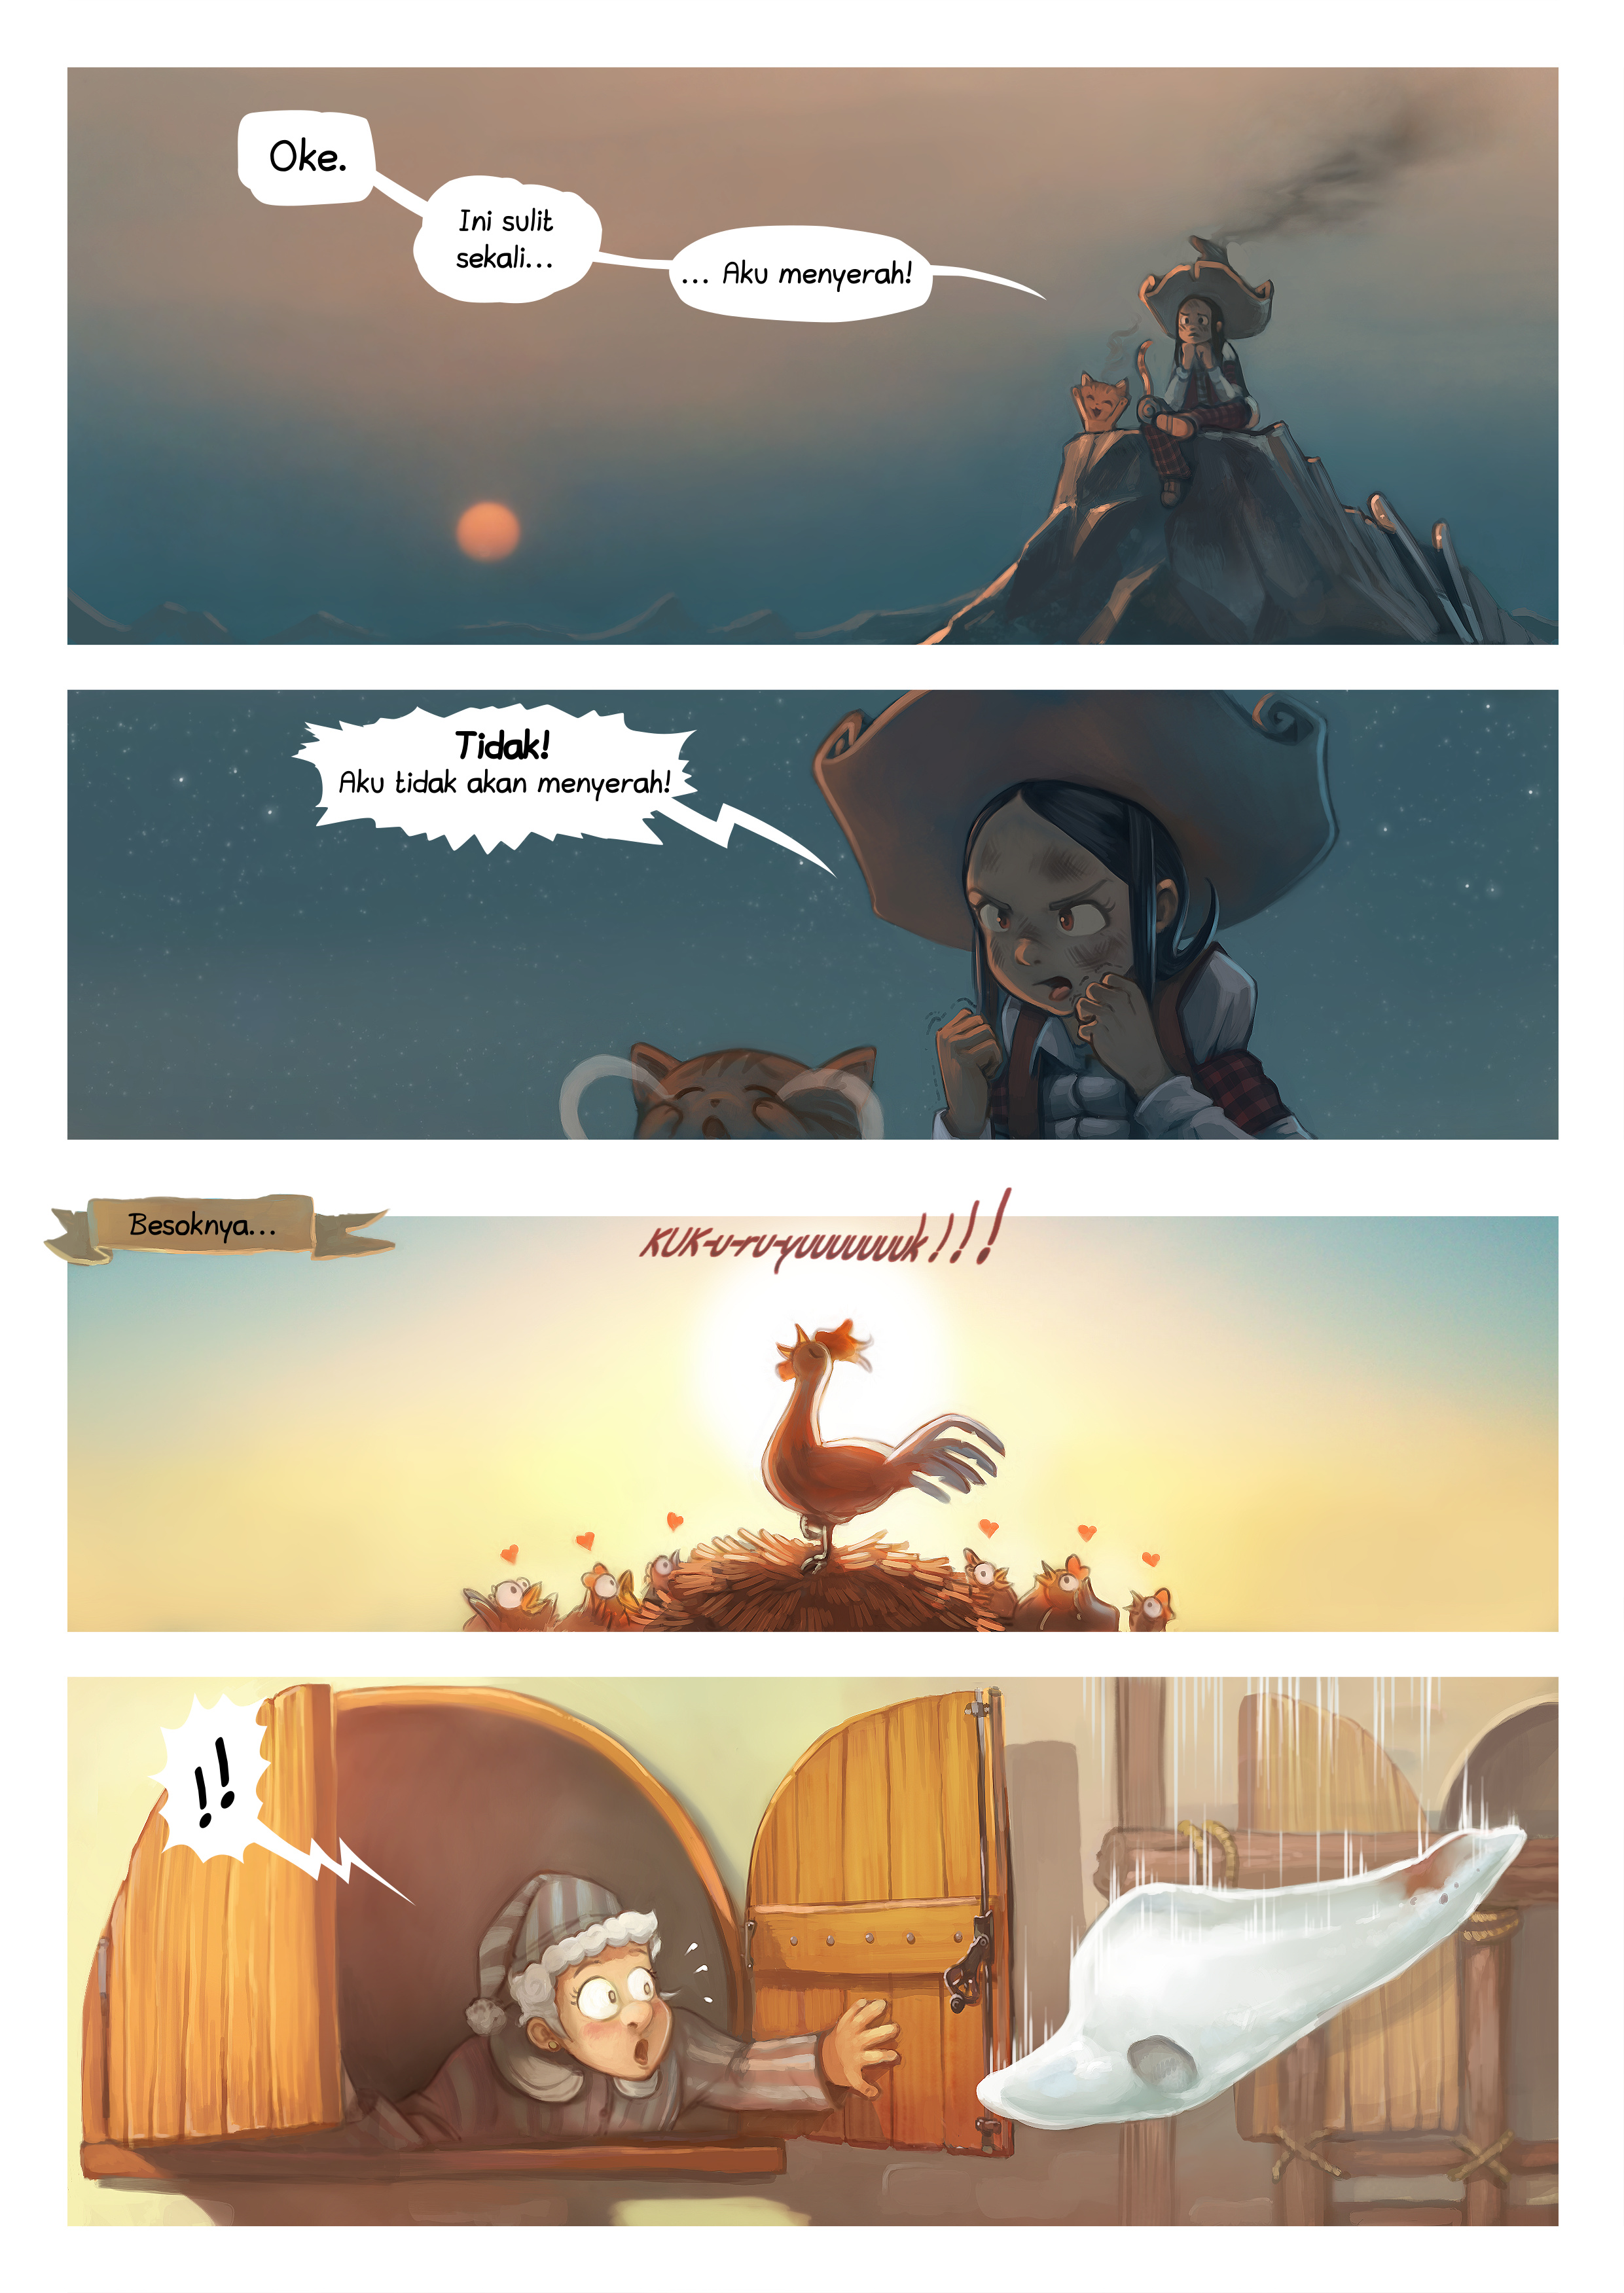 Episode 14: Gigi Naga, Page 5